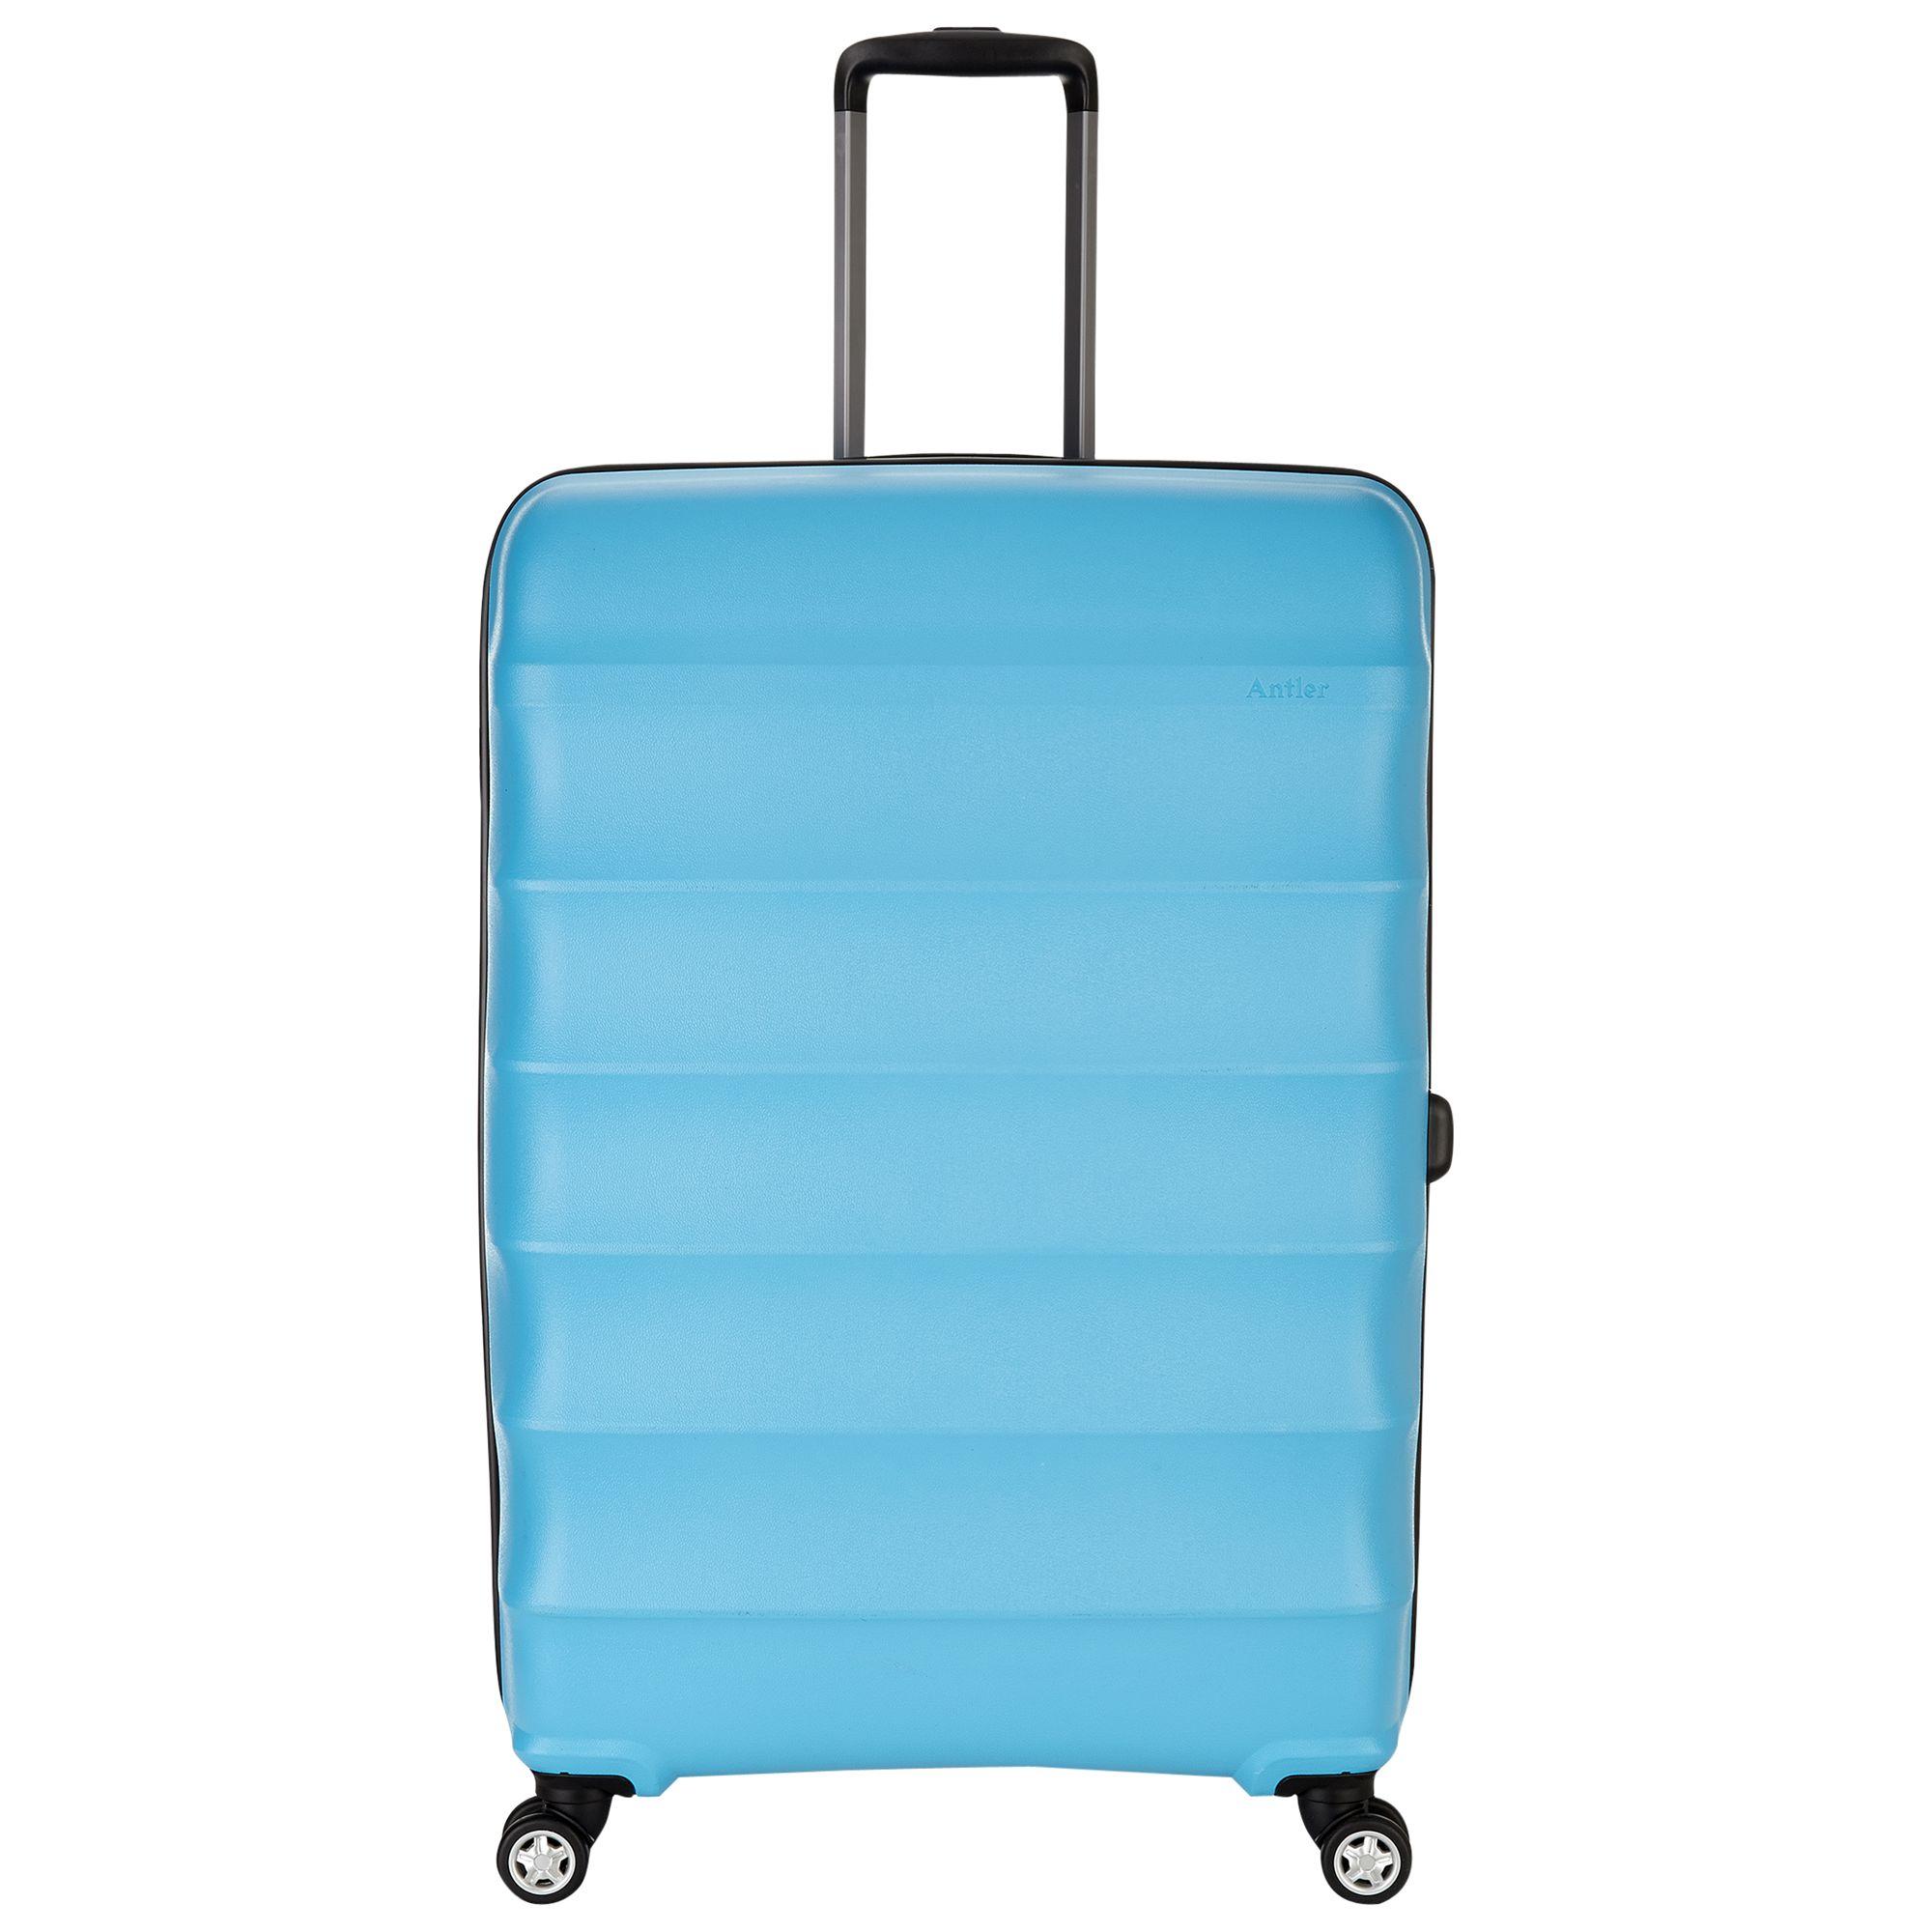 Antler Antler Juno 4-Wheel 79cm Large Suitcase